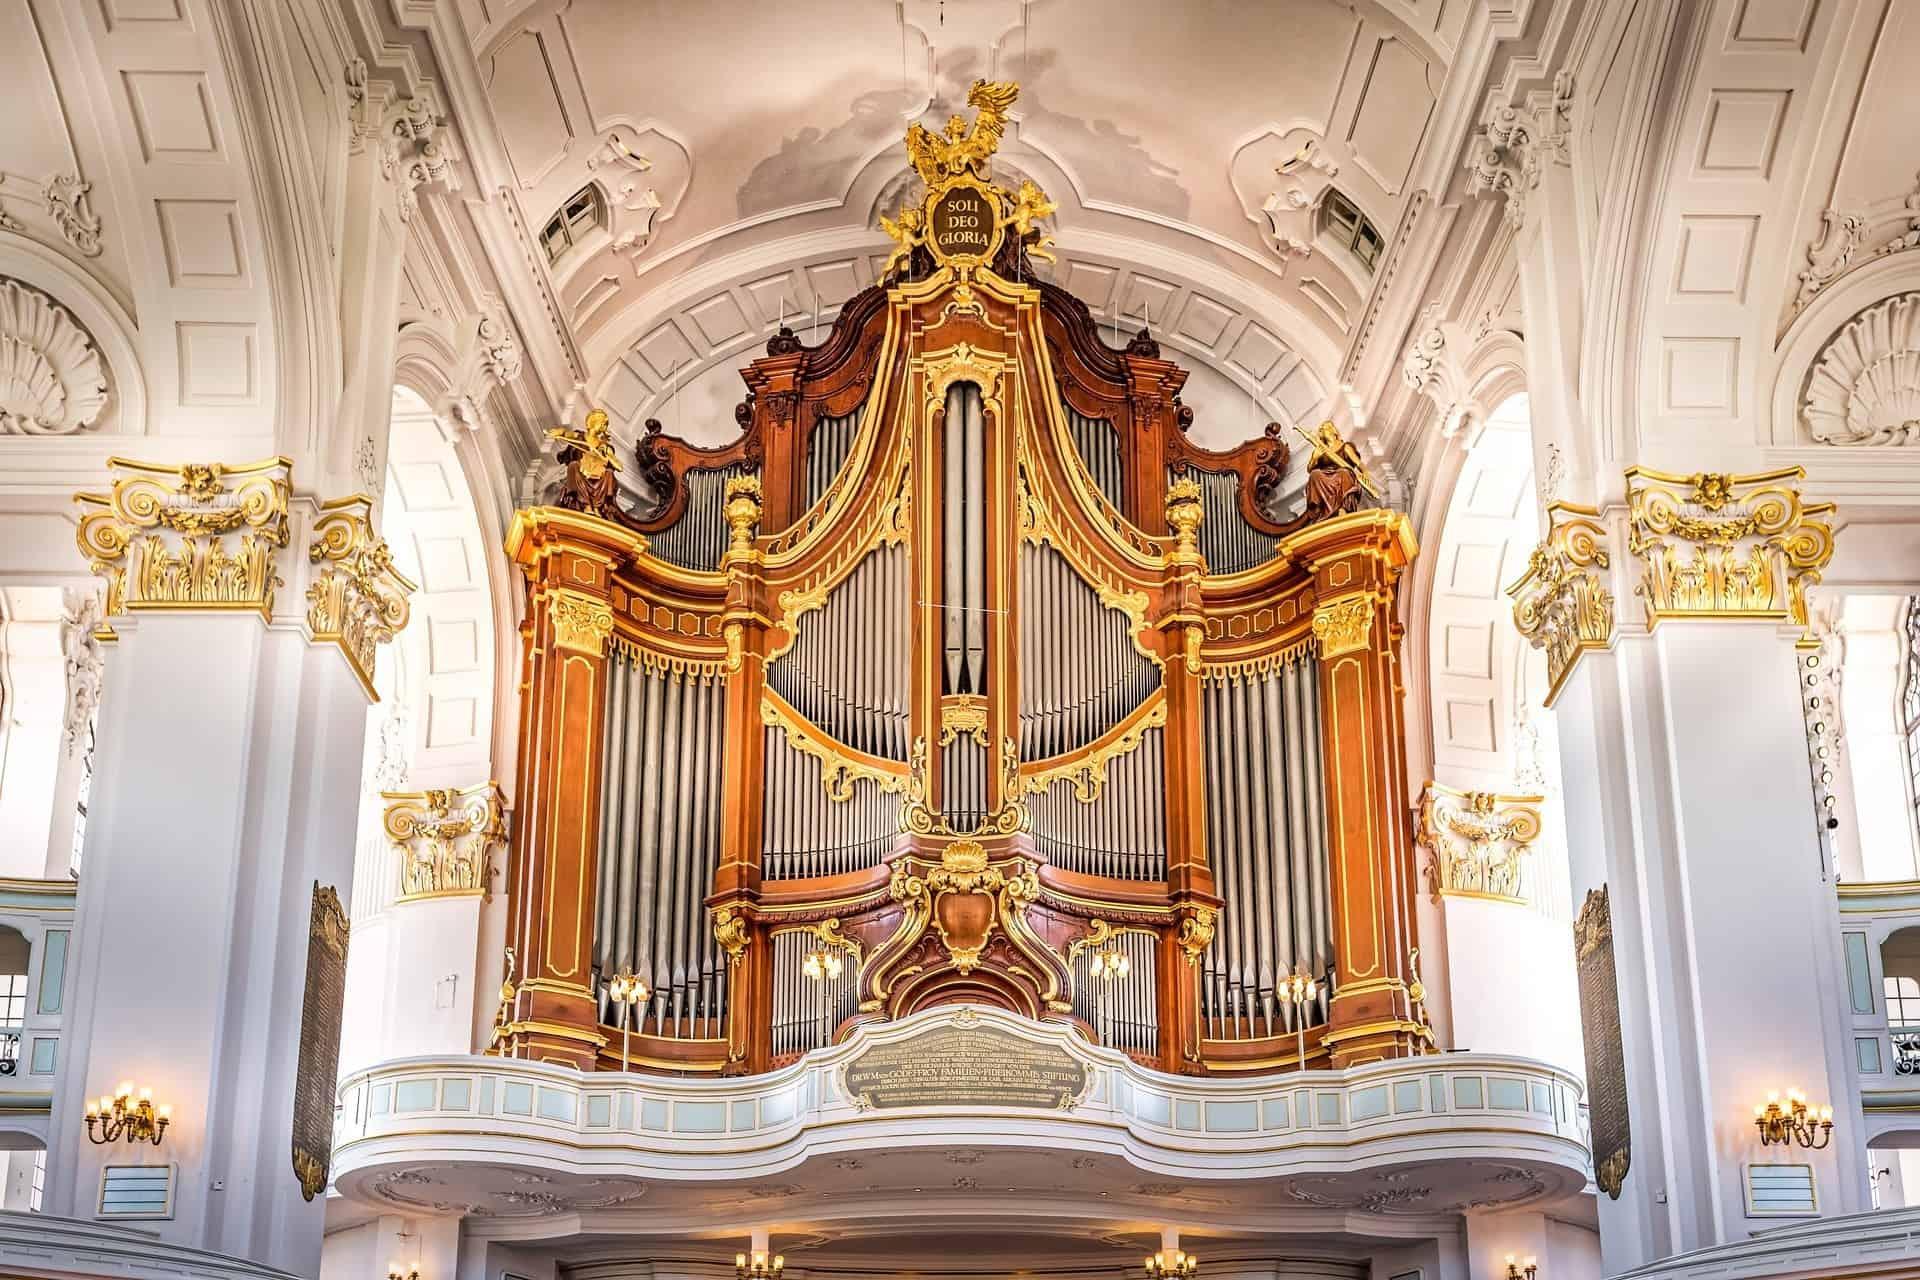 baroque period music